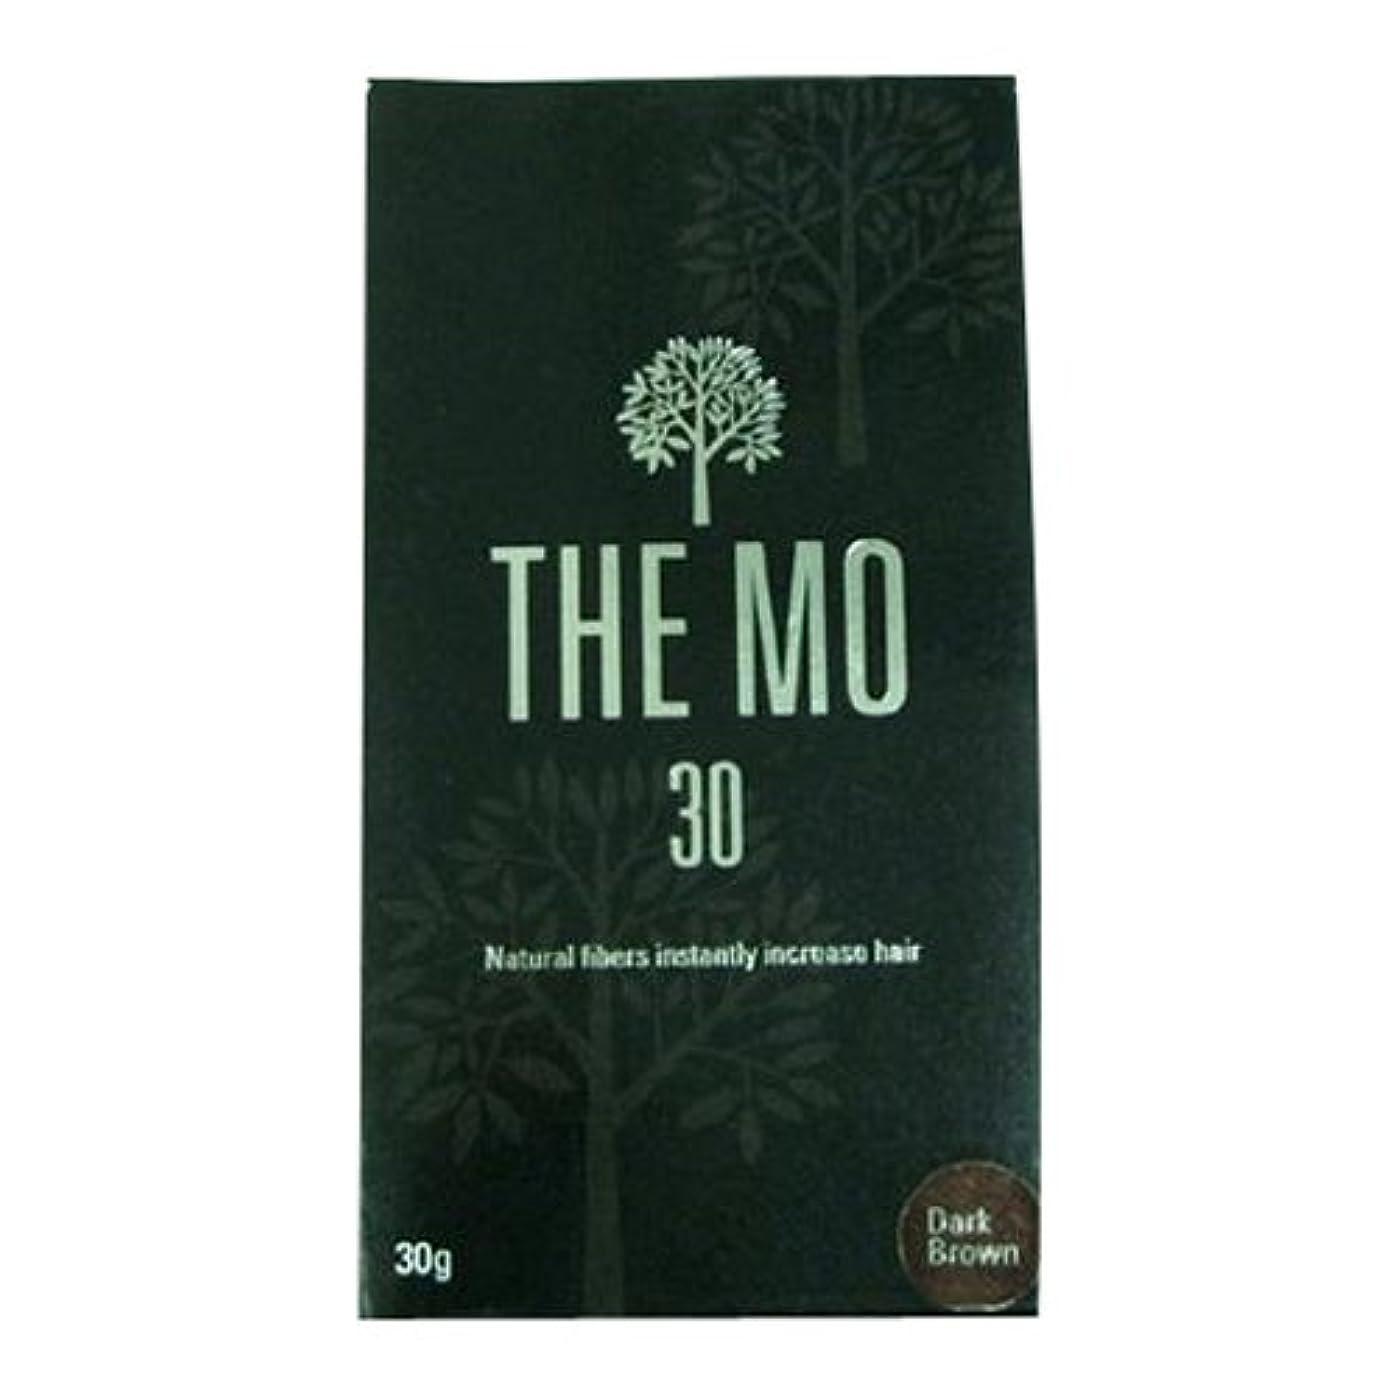 禁止する区画月曜ケイセイ THA MO ザモ 本体(30g×2個) 茶